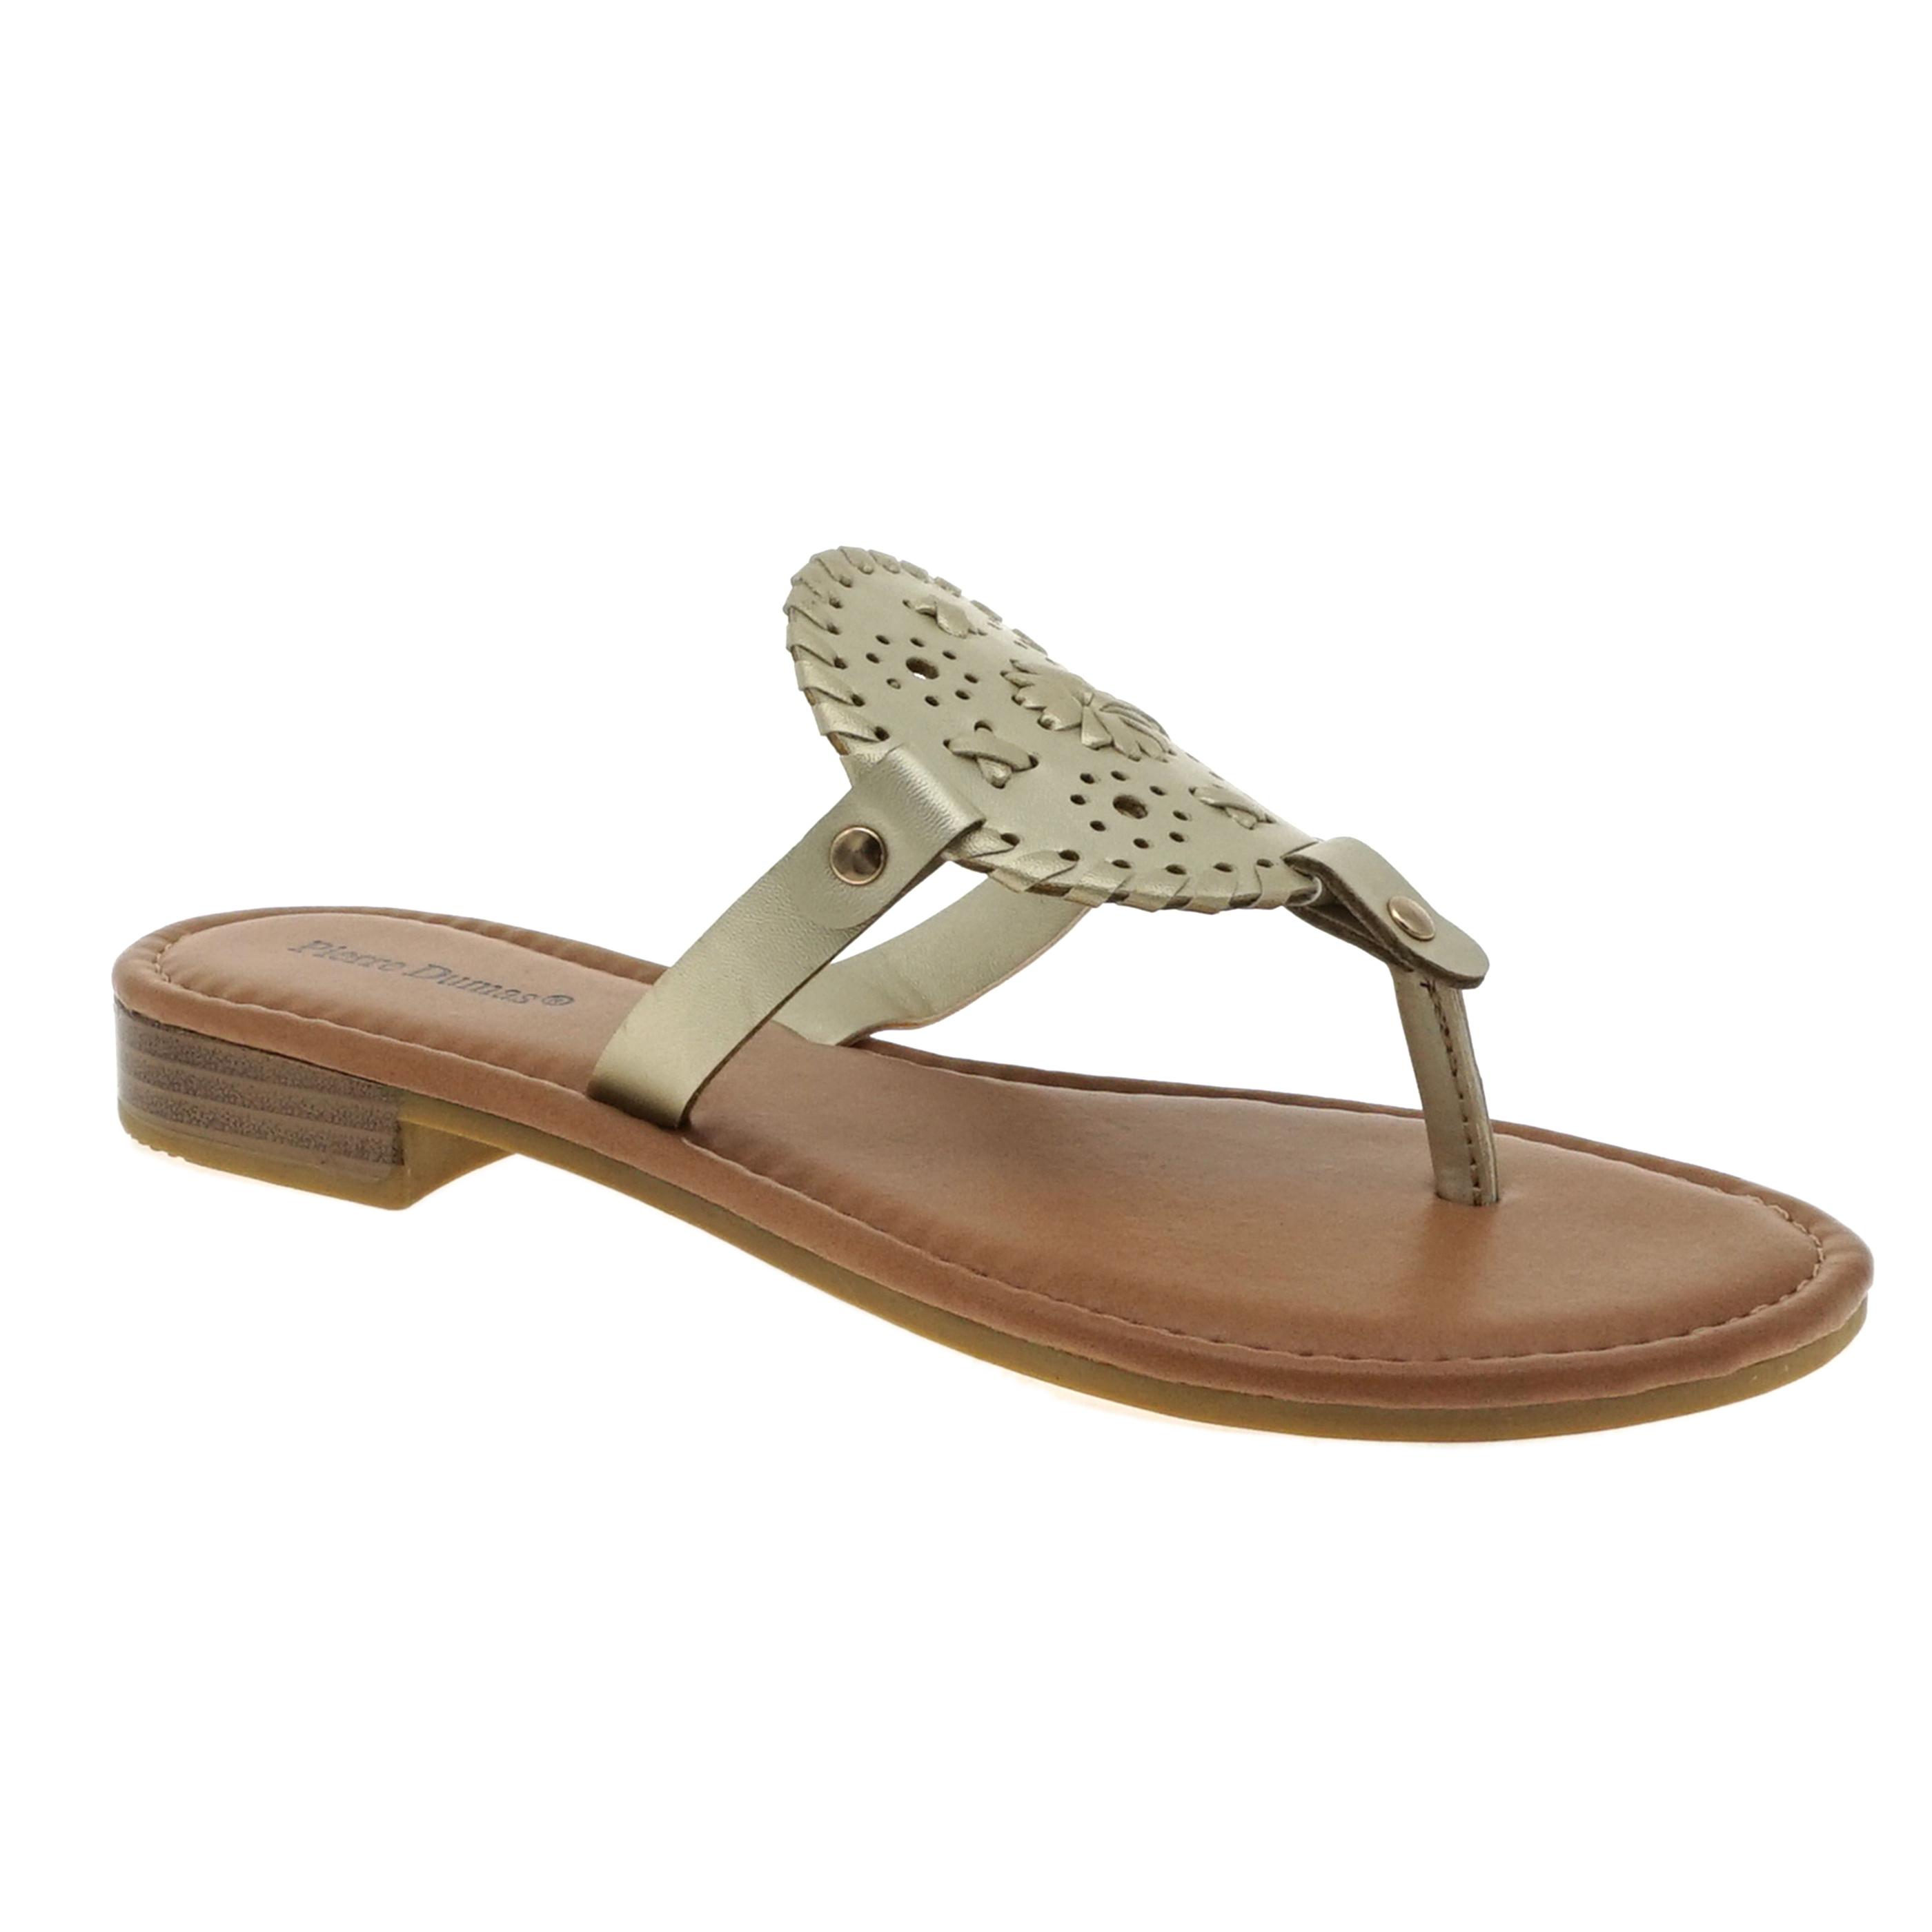 d9cb825346a5 21256 - ROSETTA-7. Sandals by Pierre Dumas